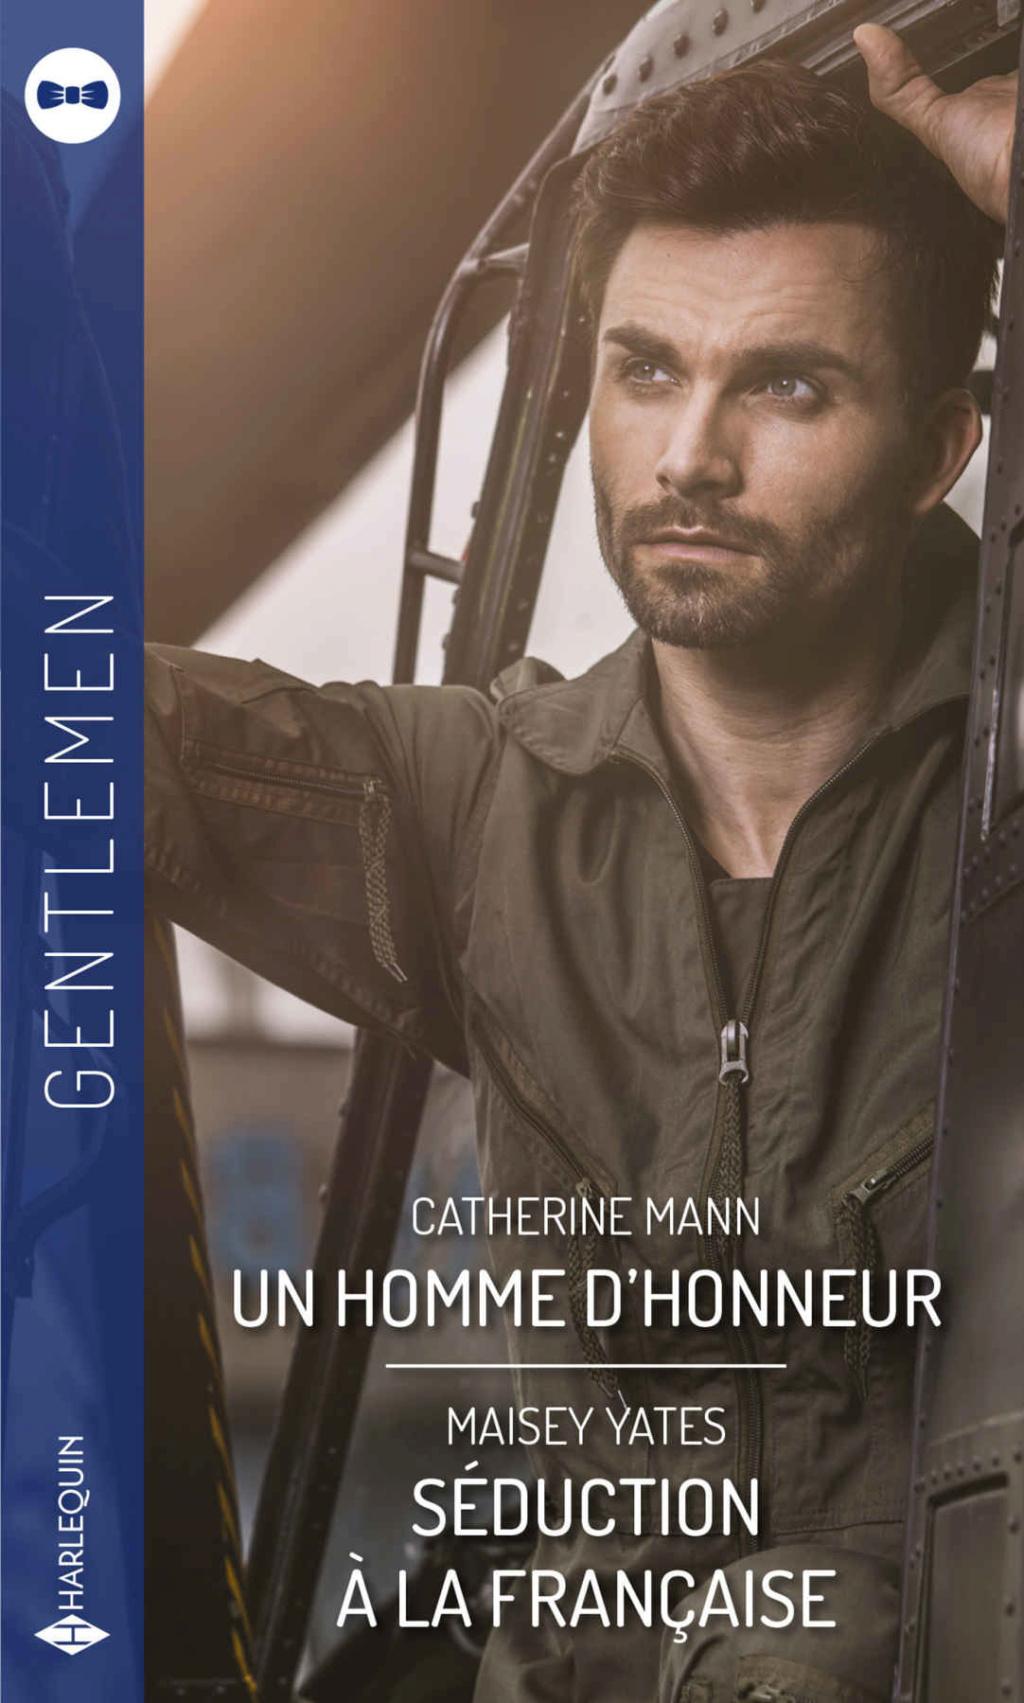 MANN Catherine et YATES Maisey - Un homme d'honneur - Séduction à la française Hq10